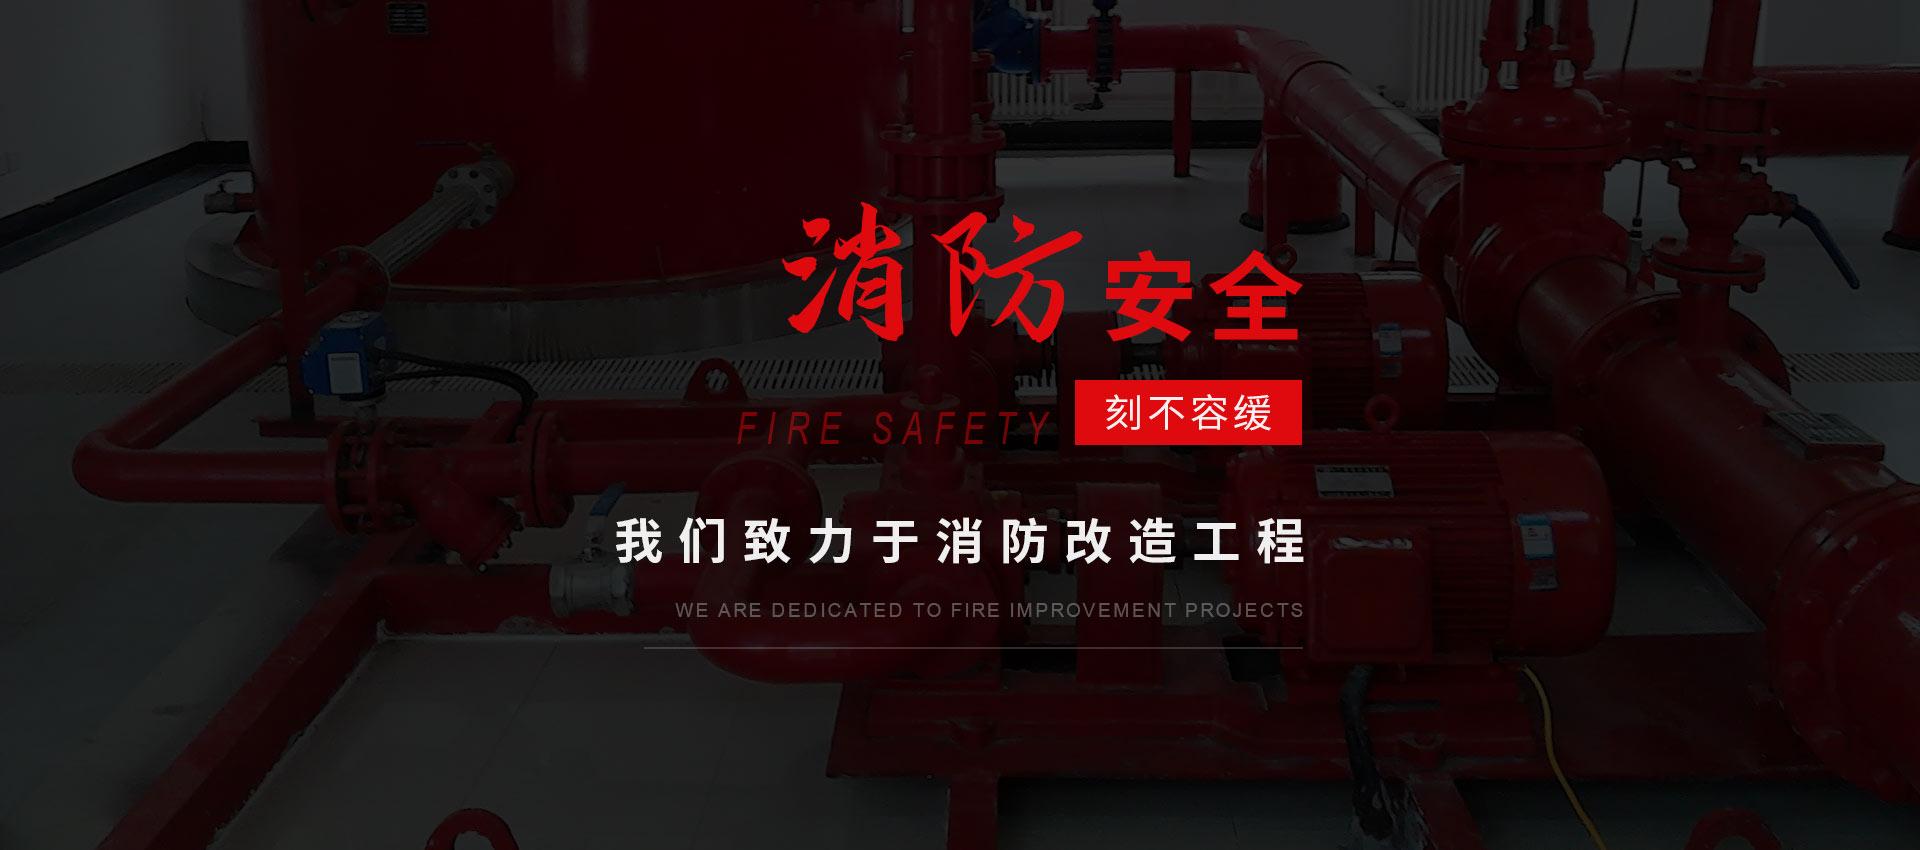 四川消防维保